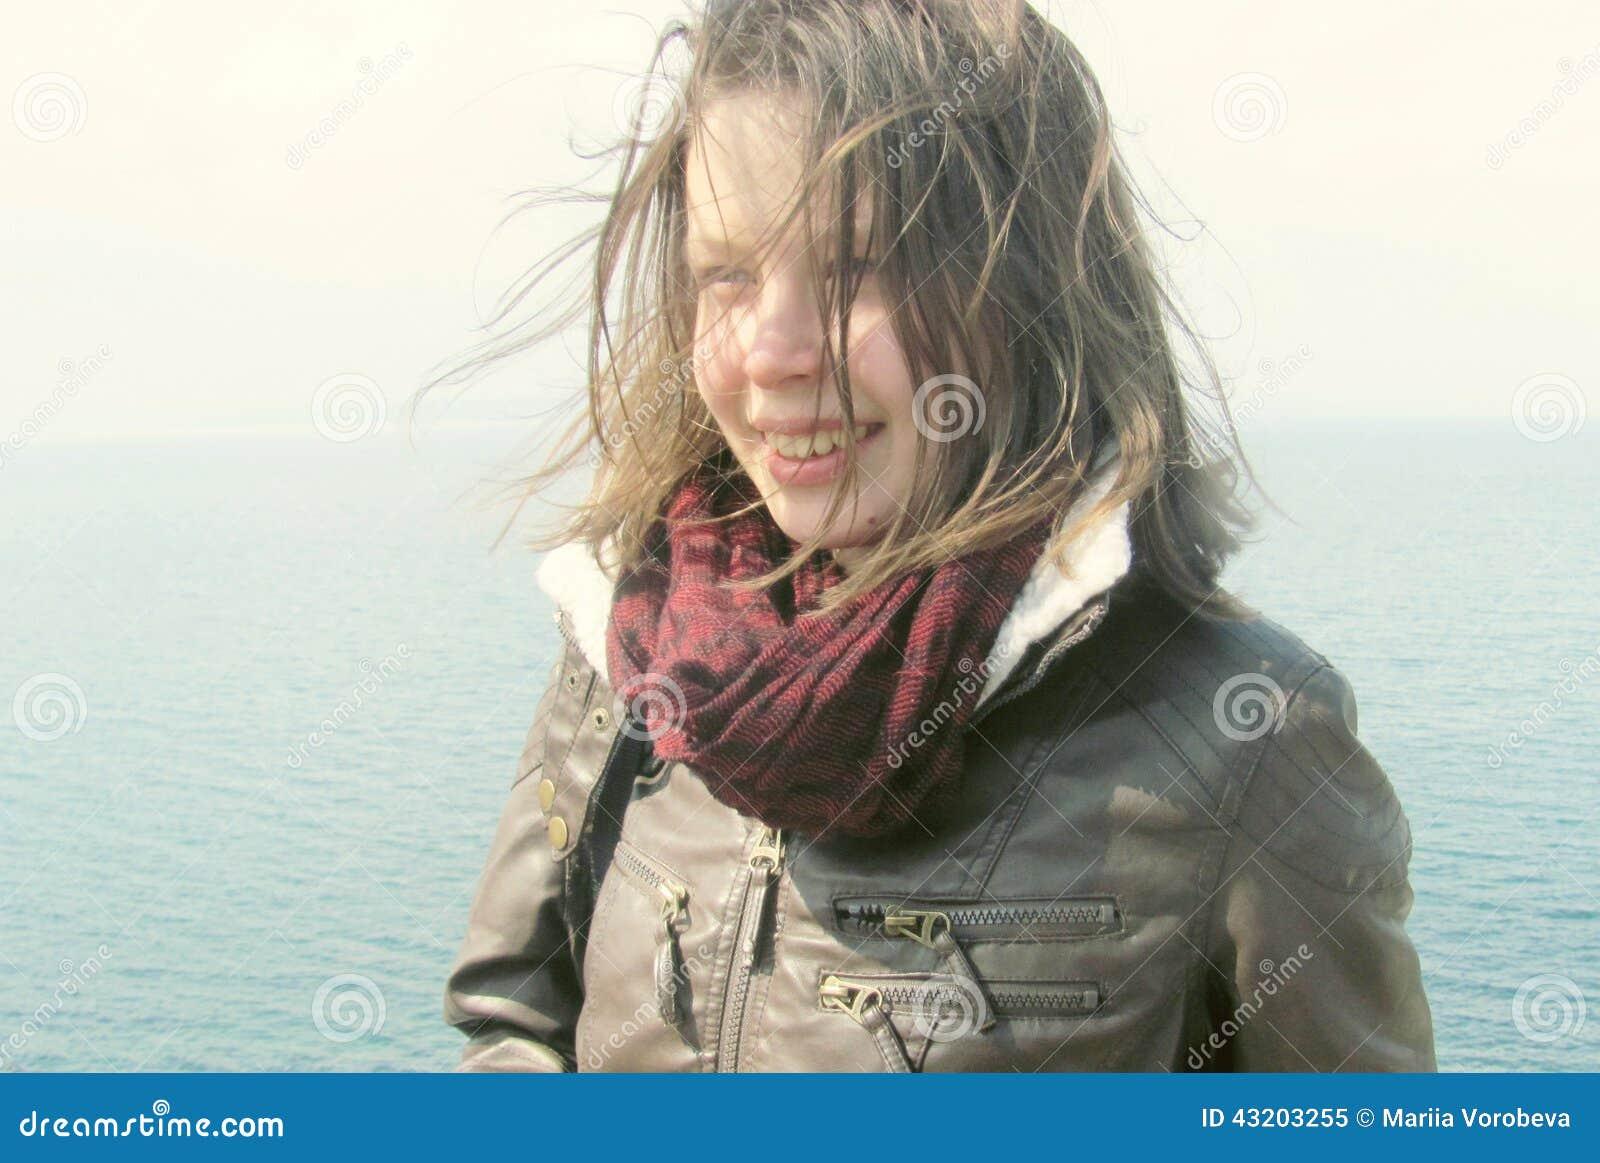 Download Ny Stående Av Den Härliga Unga Kvinnan Fotografering för Bildbyråer - Bild av gulligt, gladlynt: 43203255